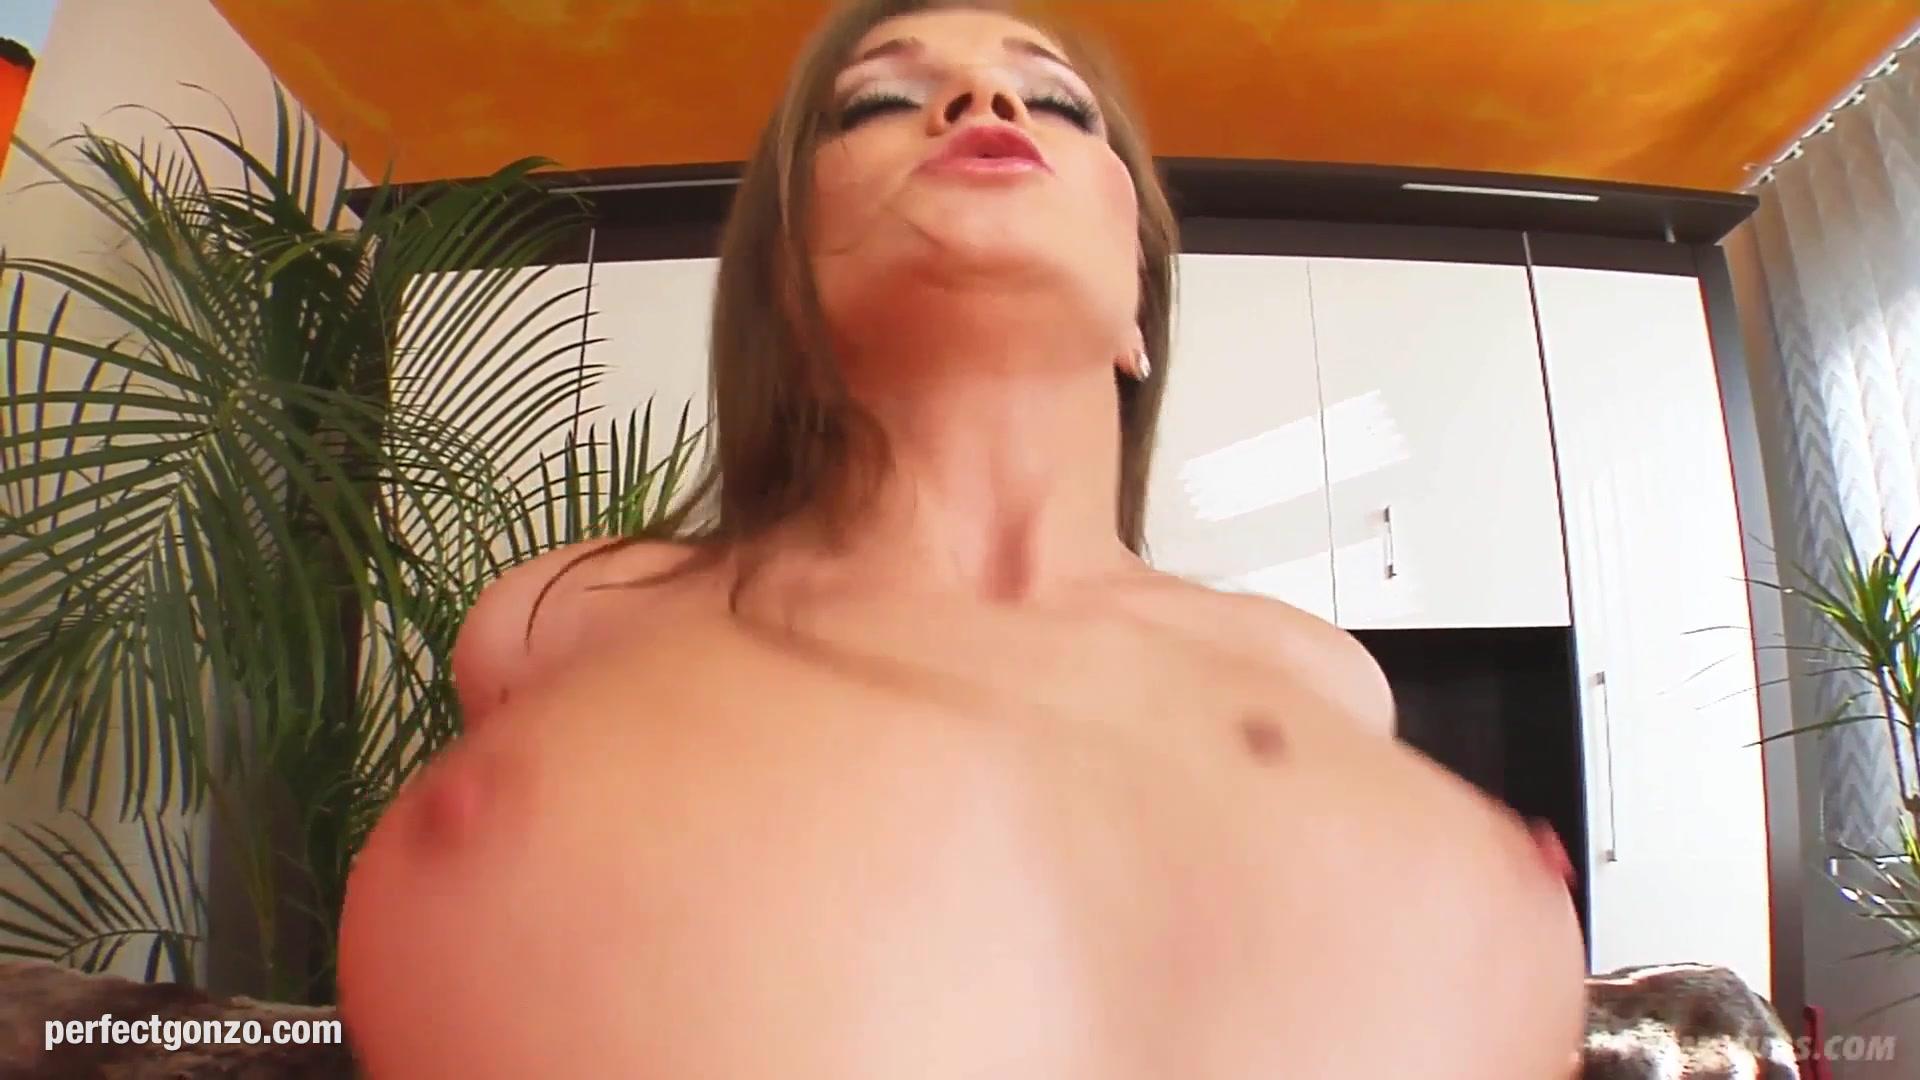 Nude gallery Je recherche un nouveau site de rencontre gratuit